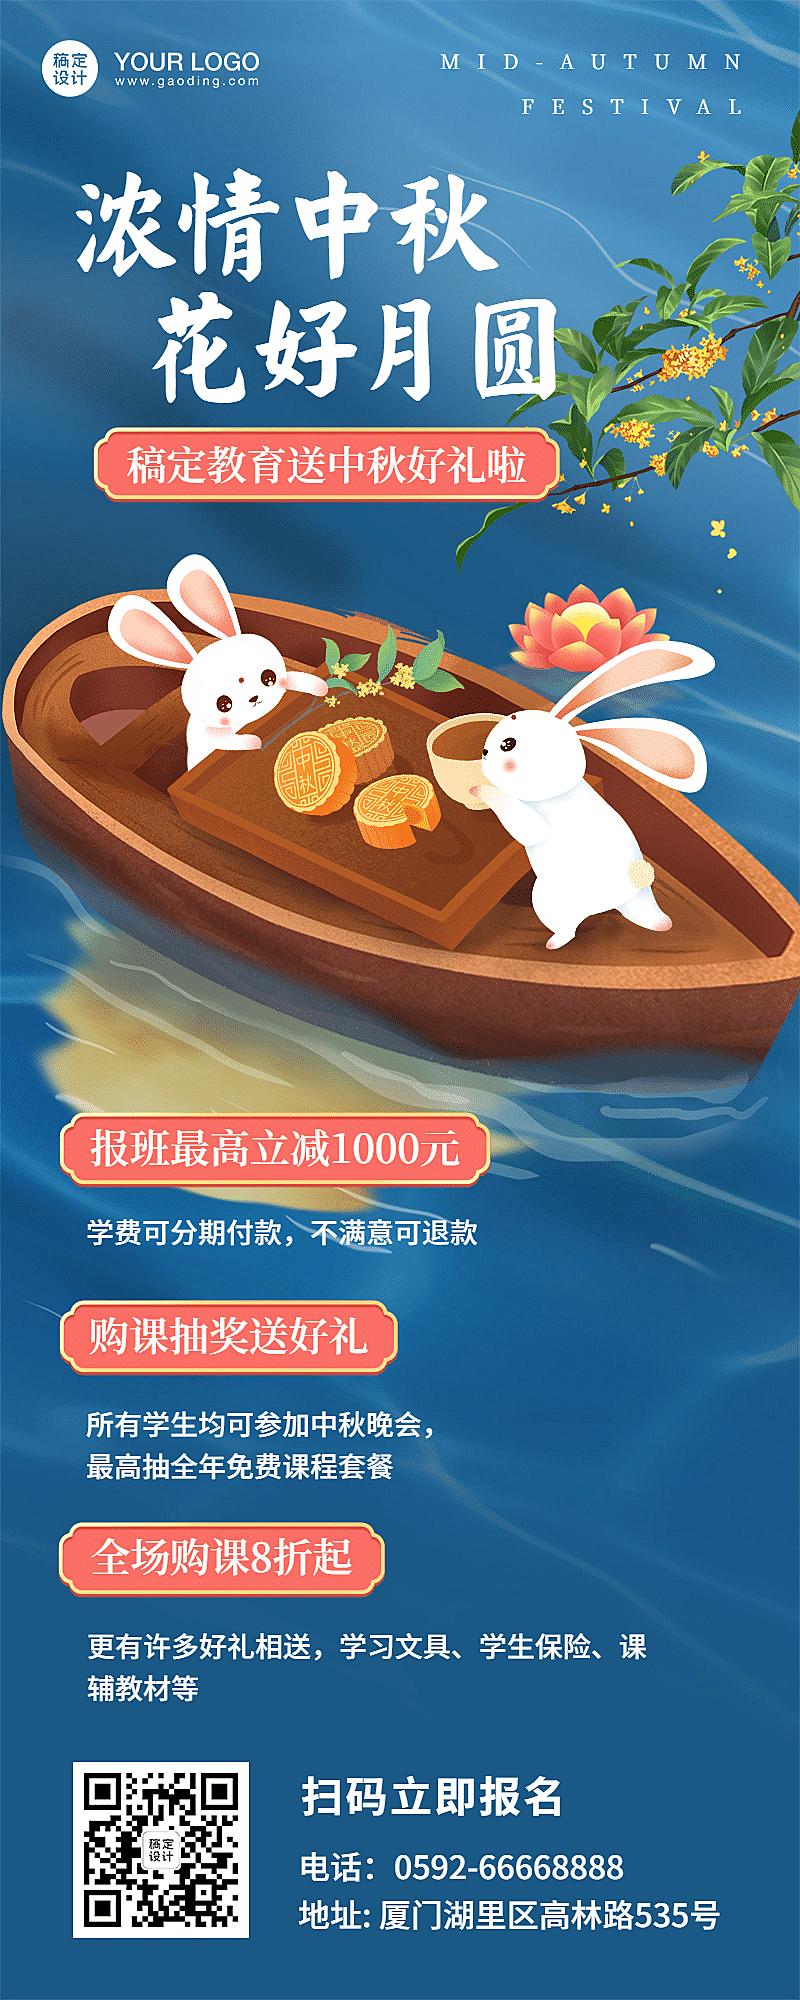 中秋节课程招生卡通可爱长图海报